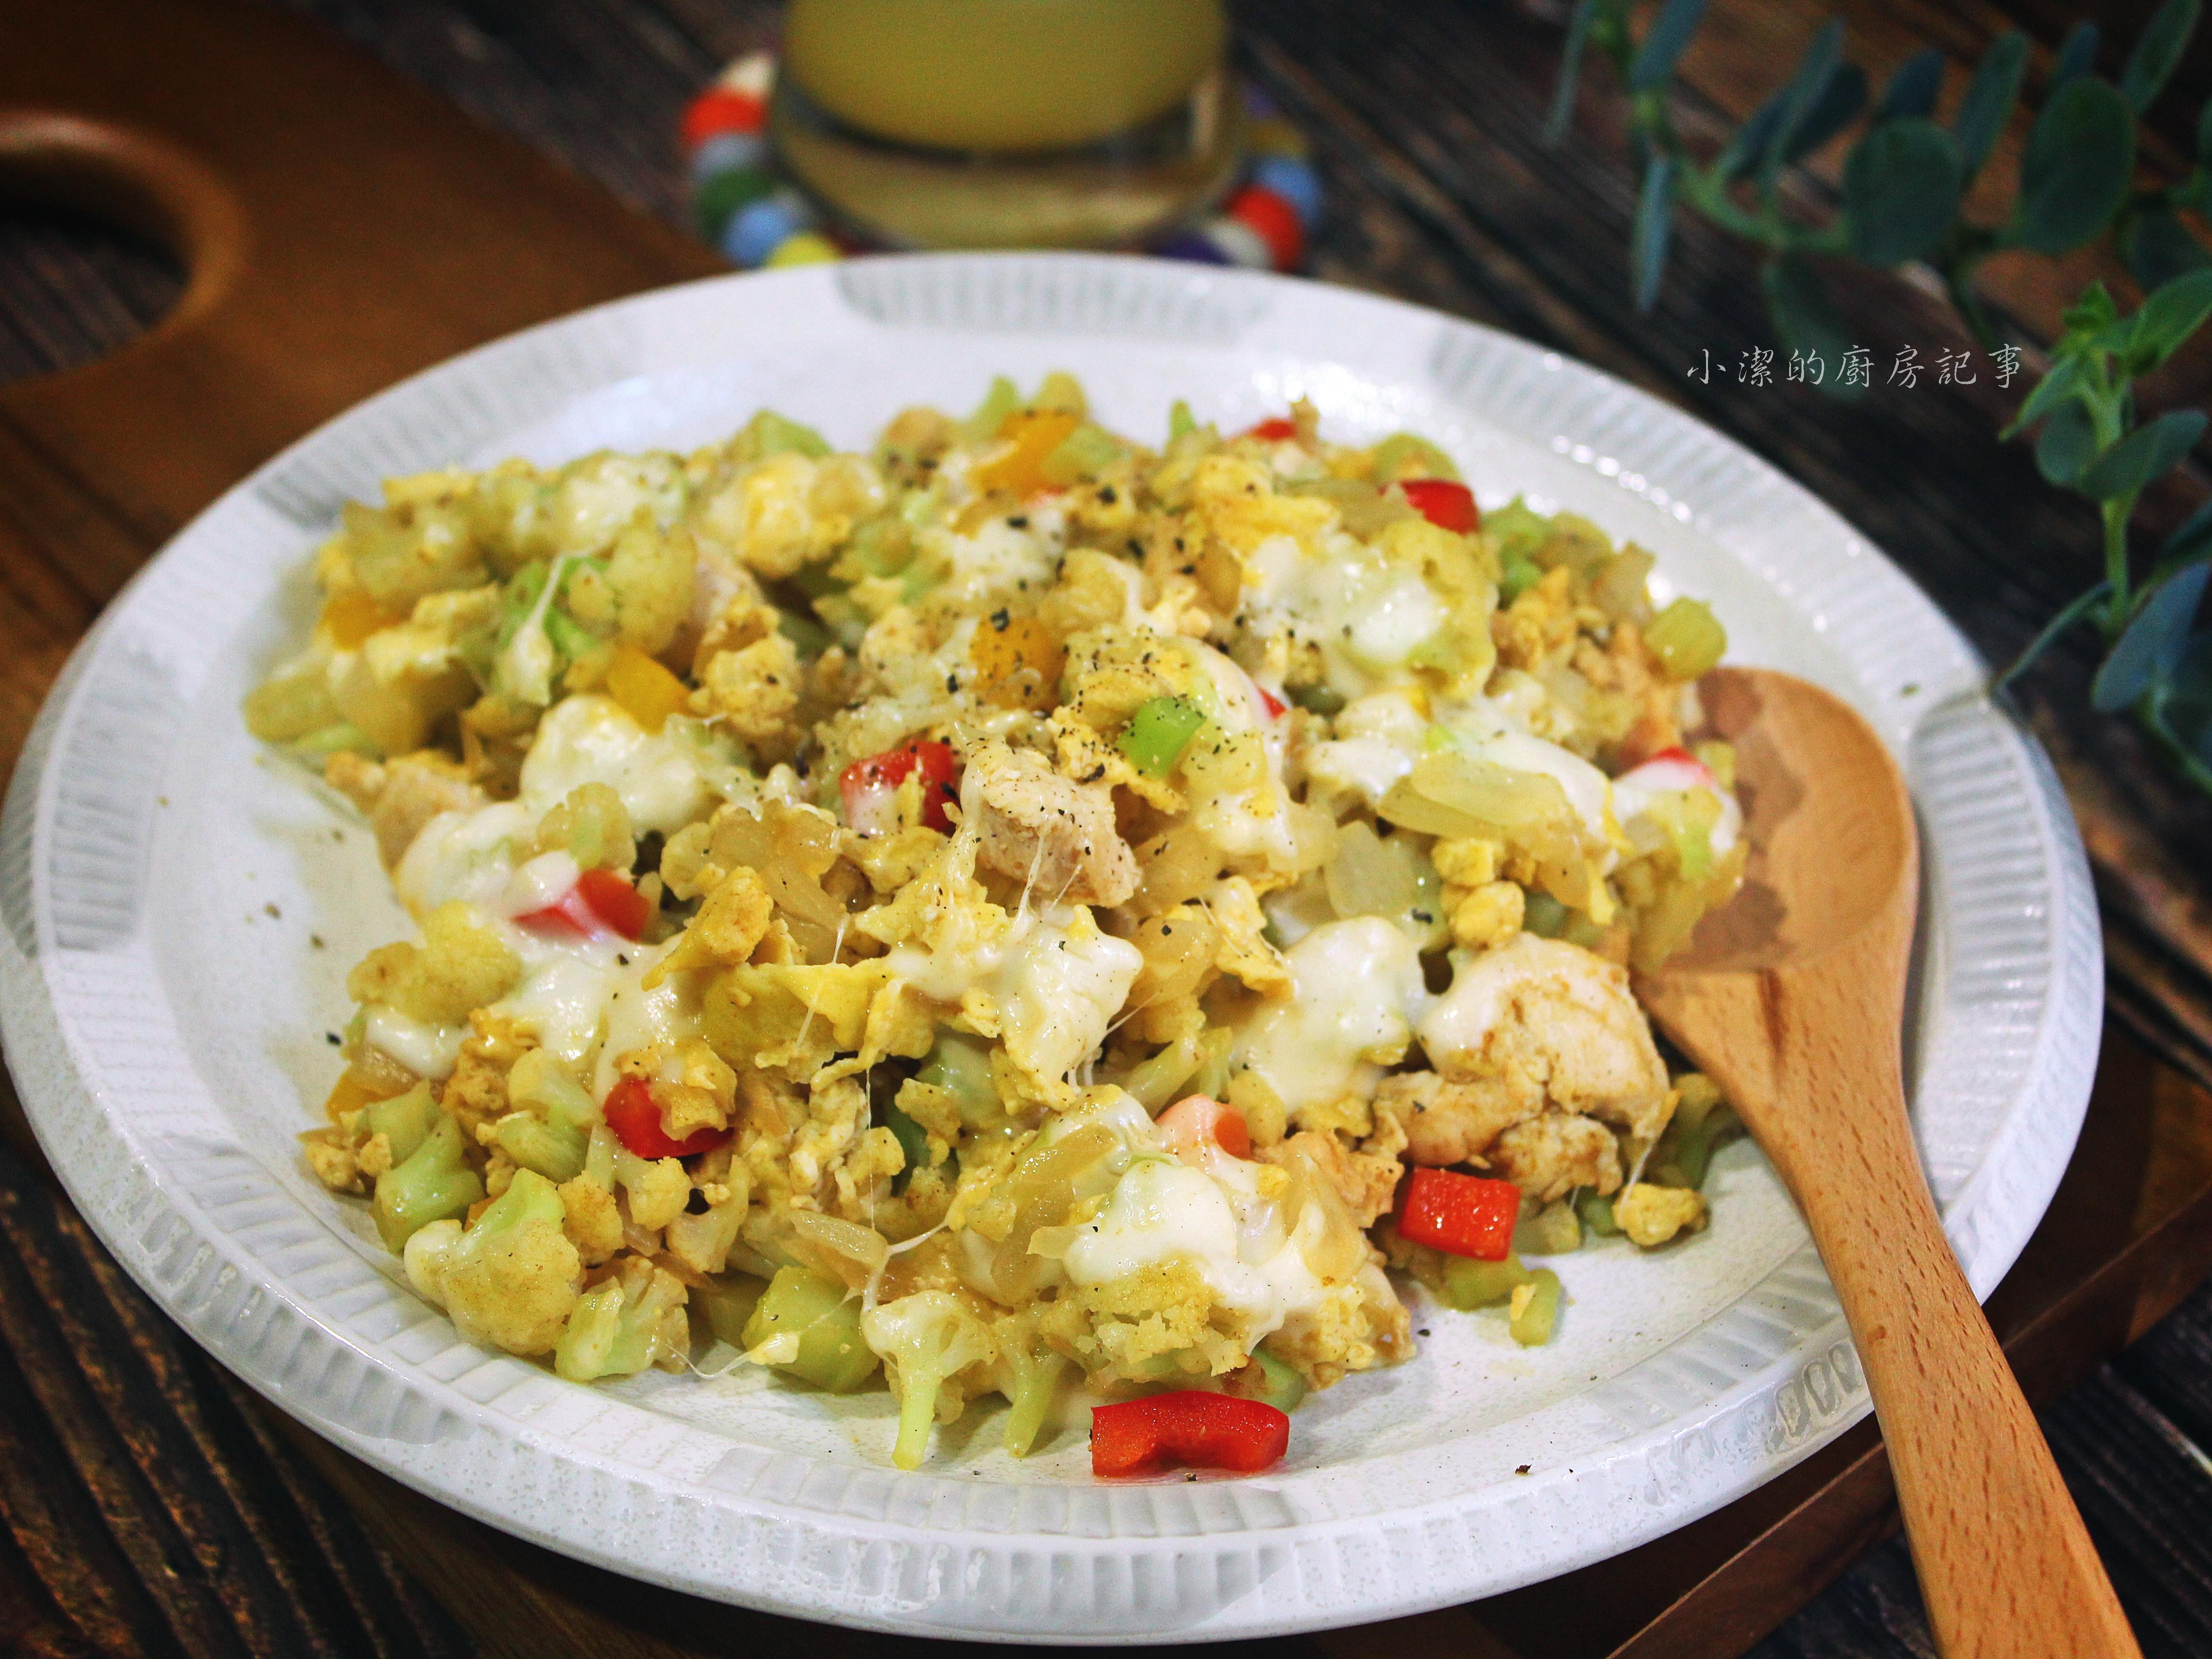 【四方鮮乳】雞肉起司花椰菜炒飯